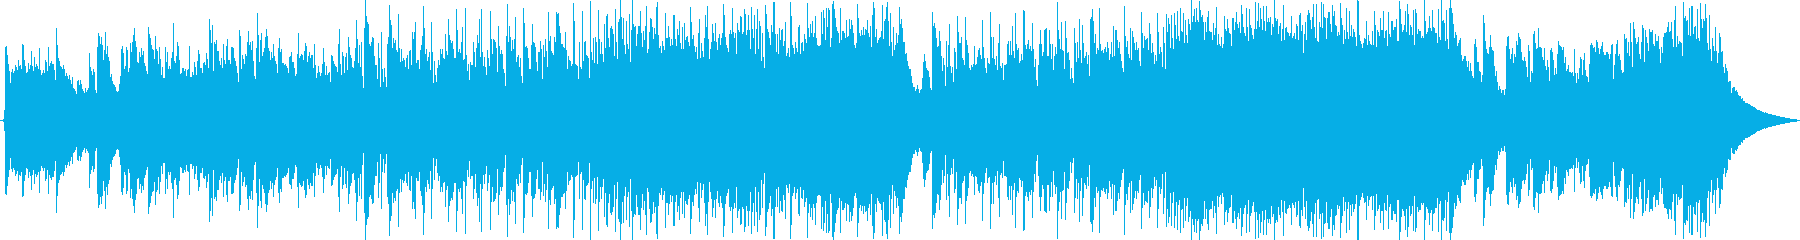 やさしい雰囲気のブルース調スローテンポの再生済みの波形